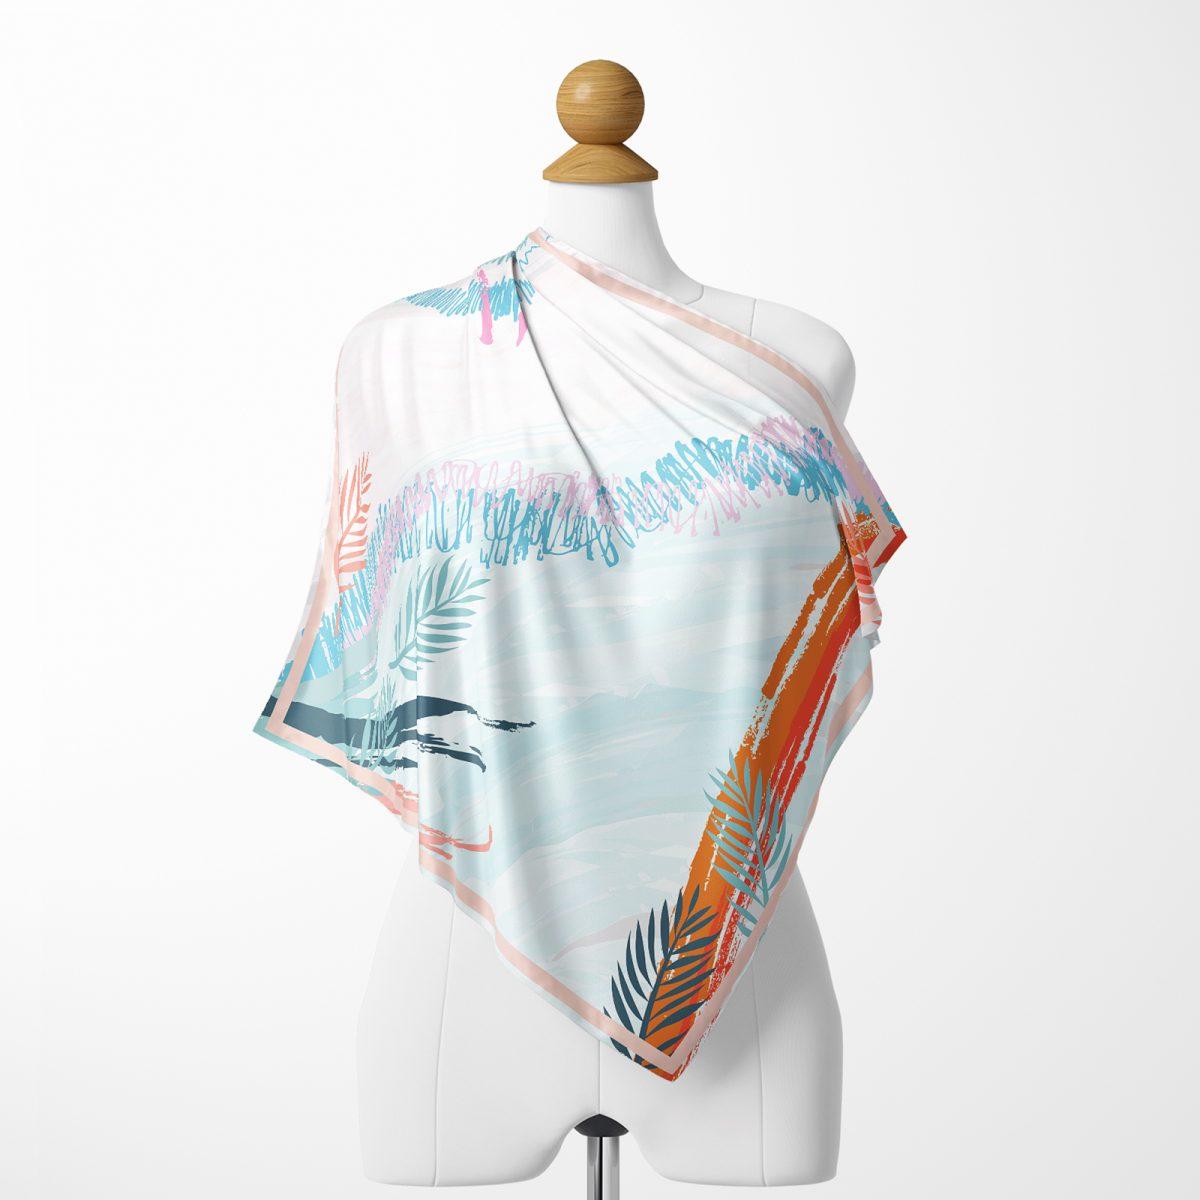 Modern Mavi ve Turuncu Tasarımlı Dijital Baskılı İpeksi Twill Eşarp Realhomes